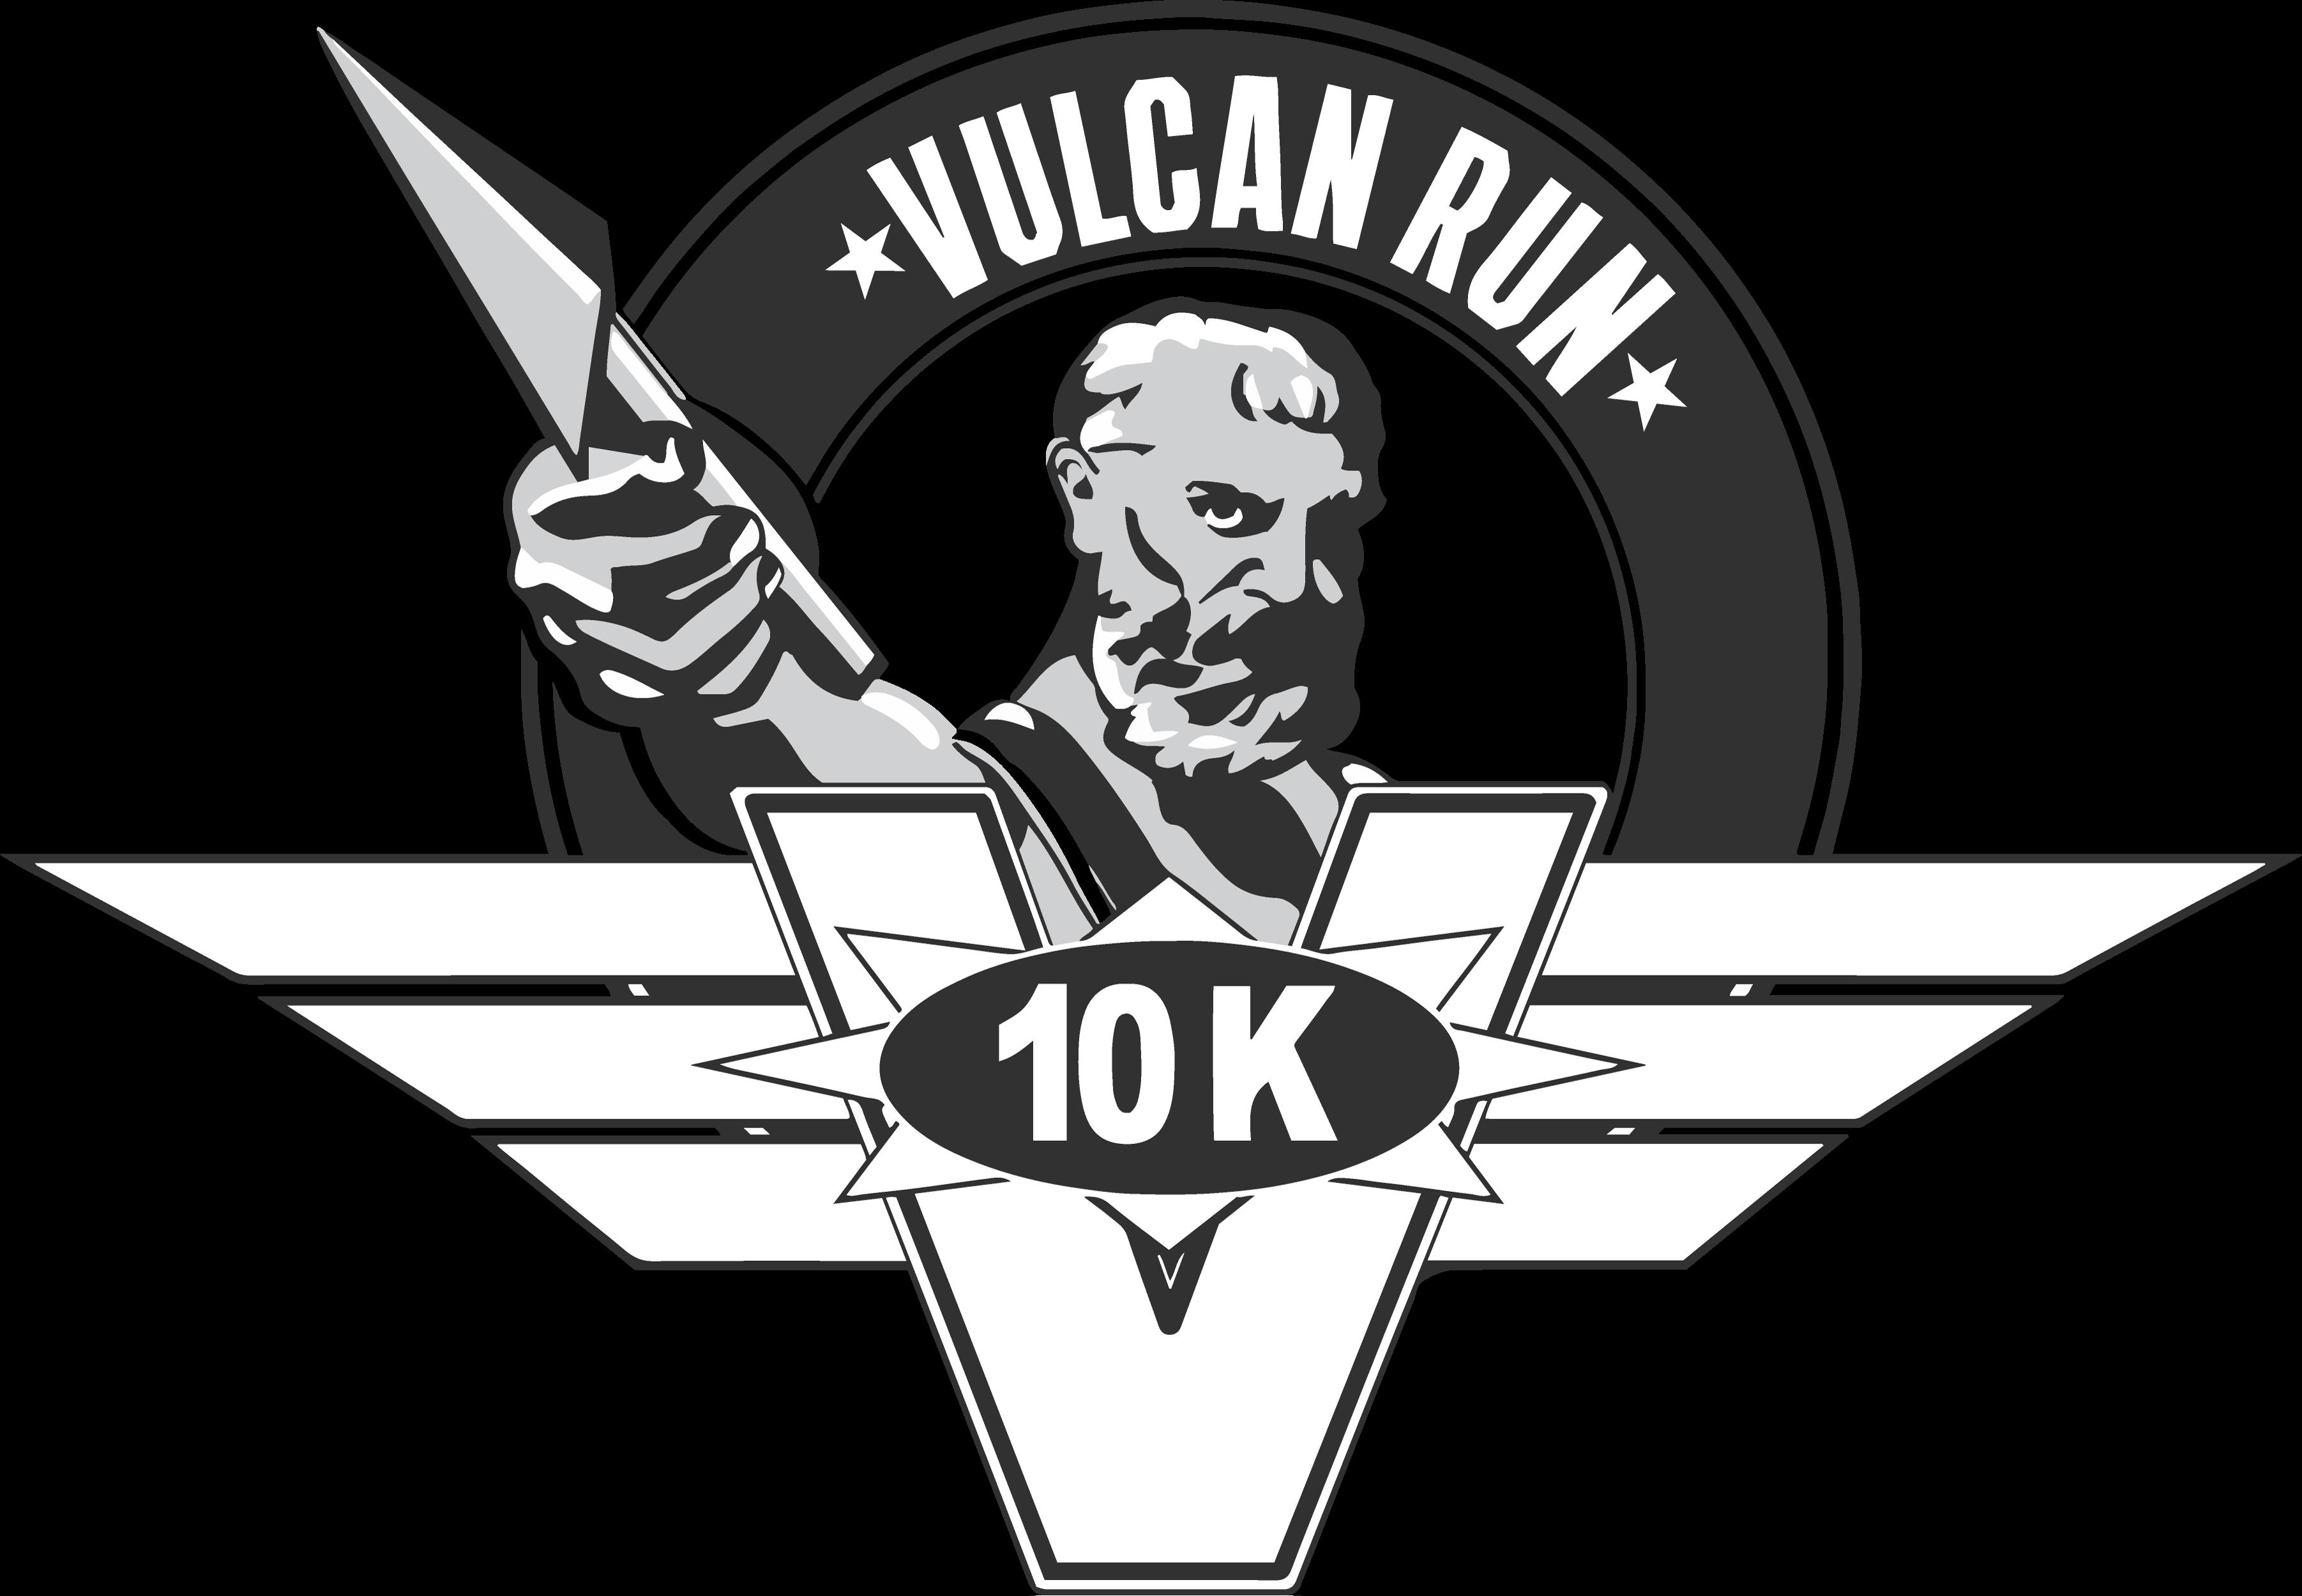 Vulcan run k fleet. Race clipart started